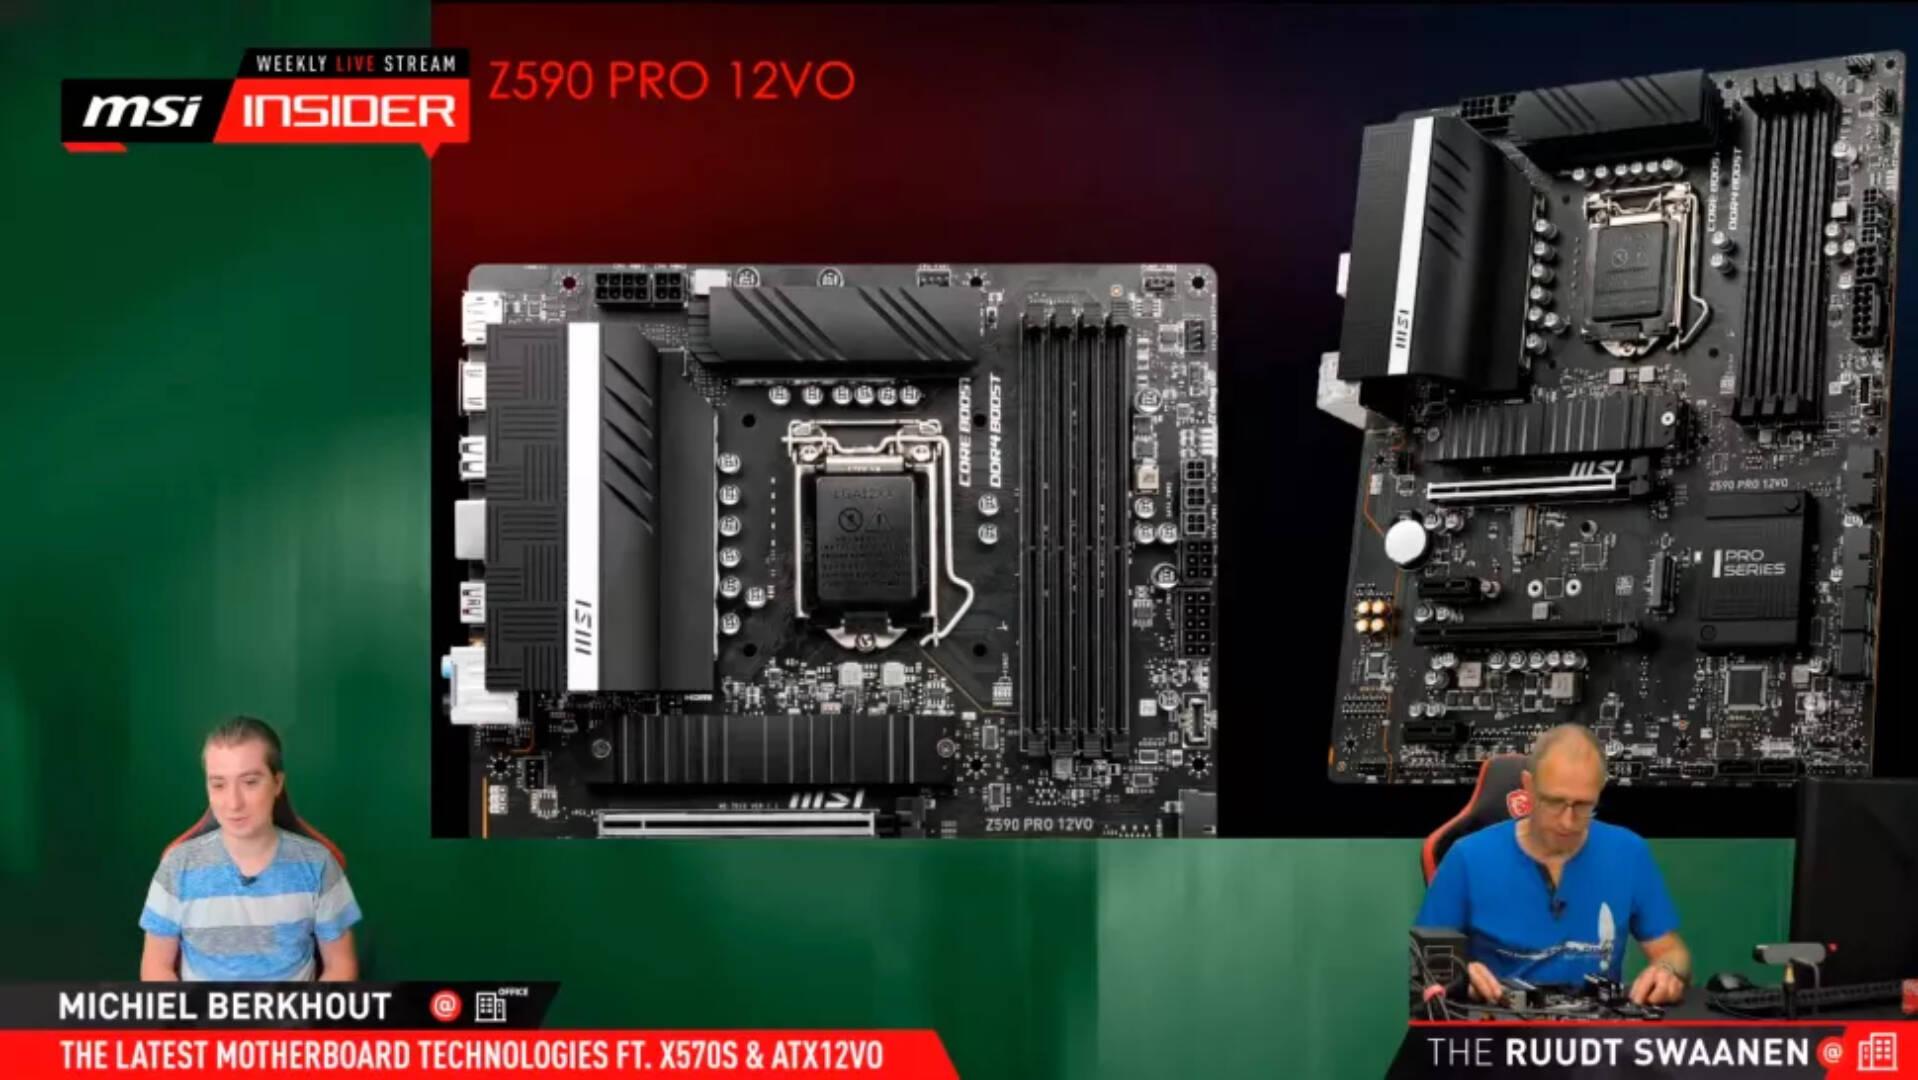 MSI Insider Z590 Pro 12VO